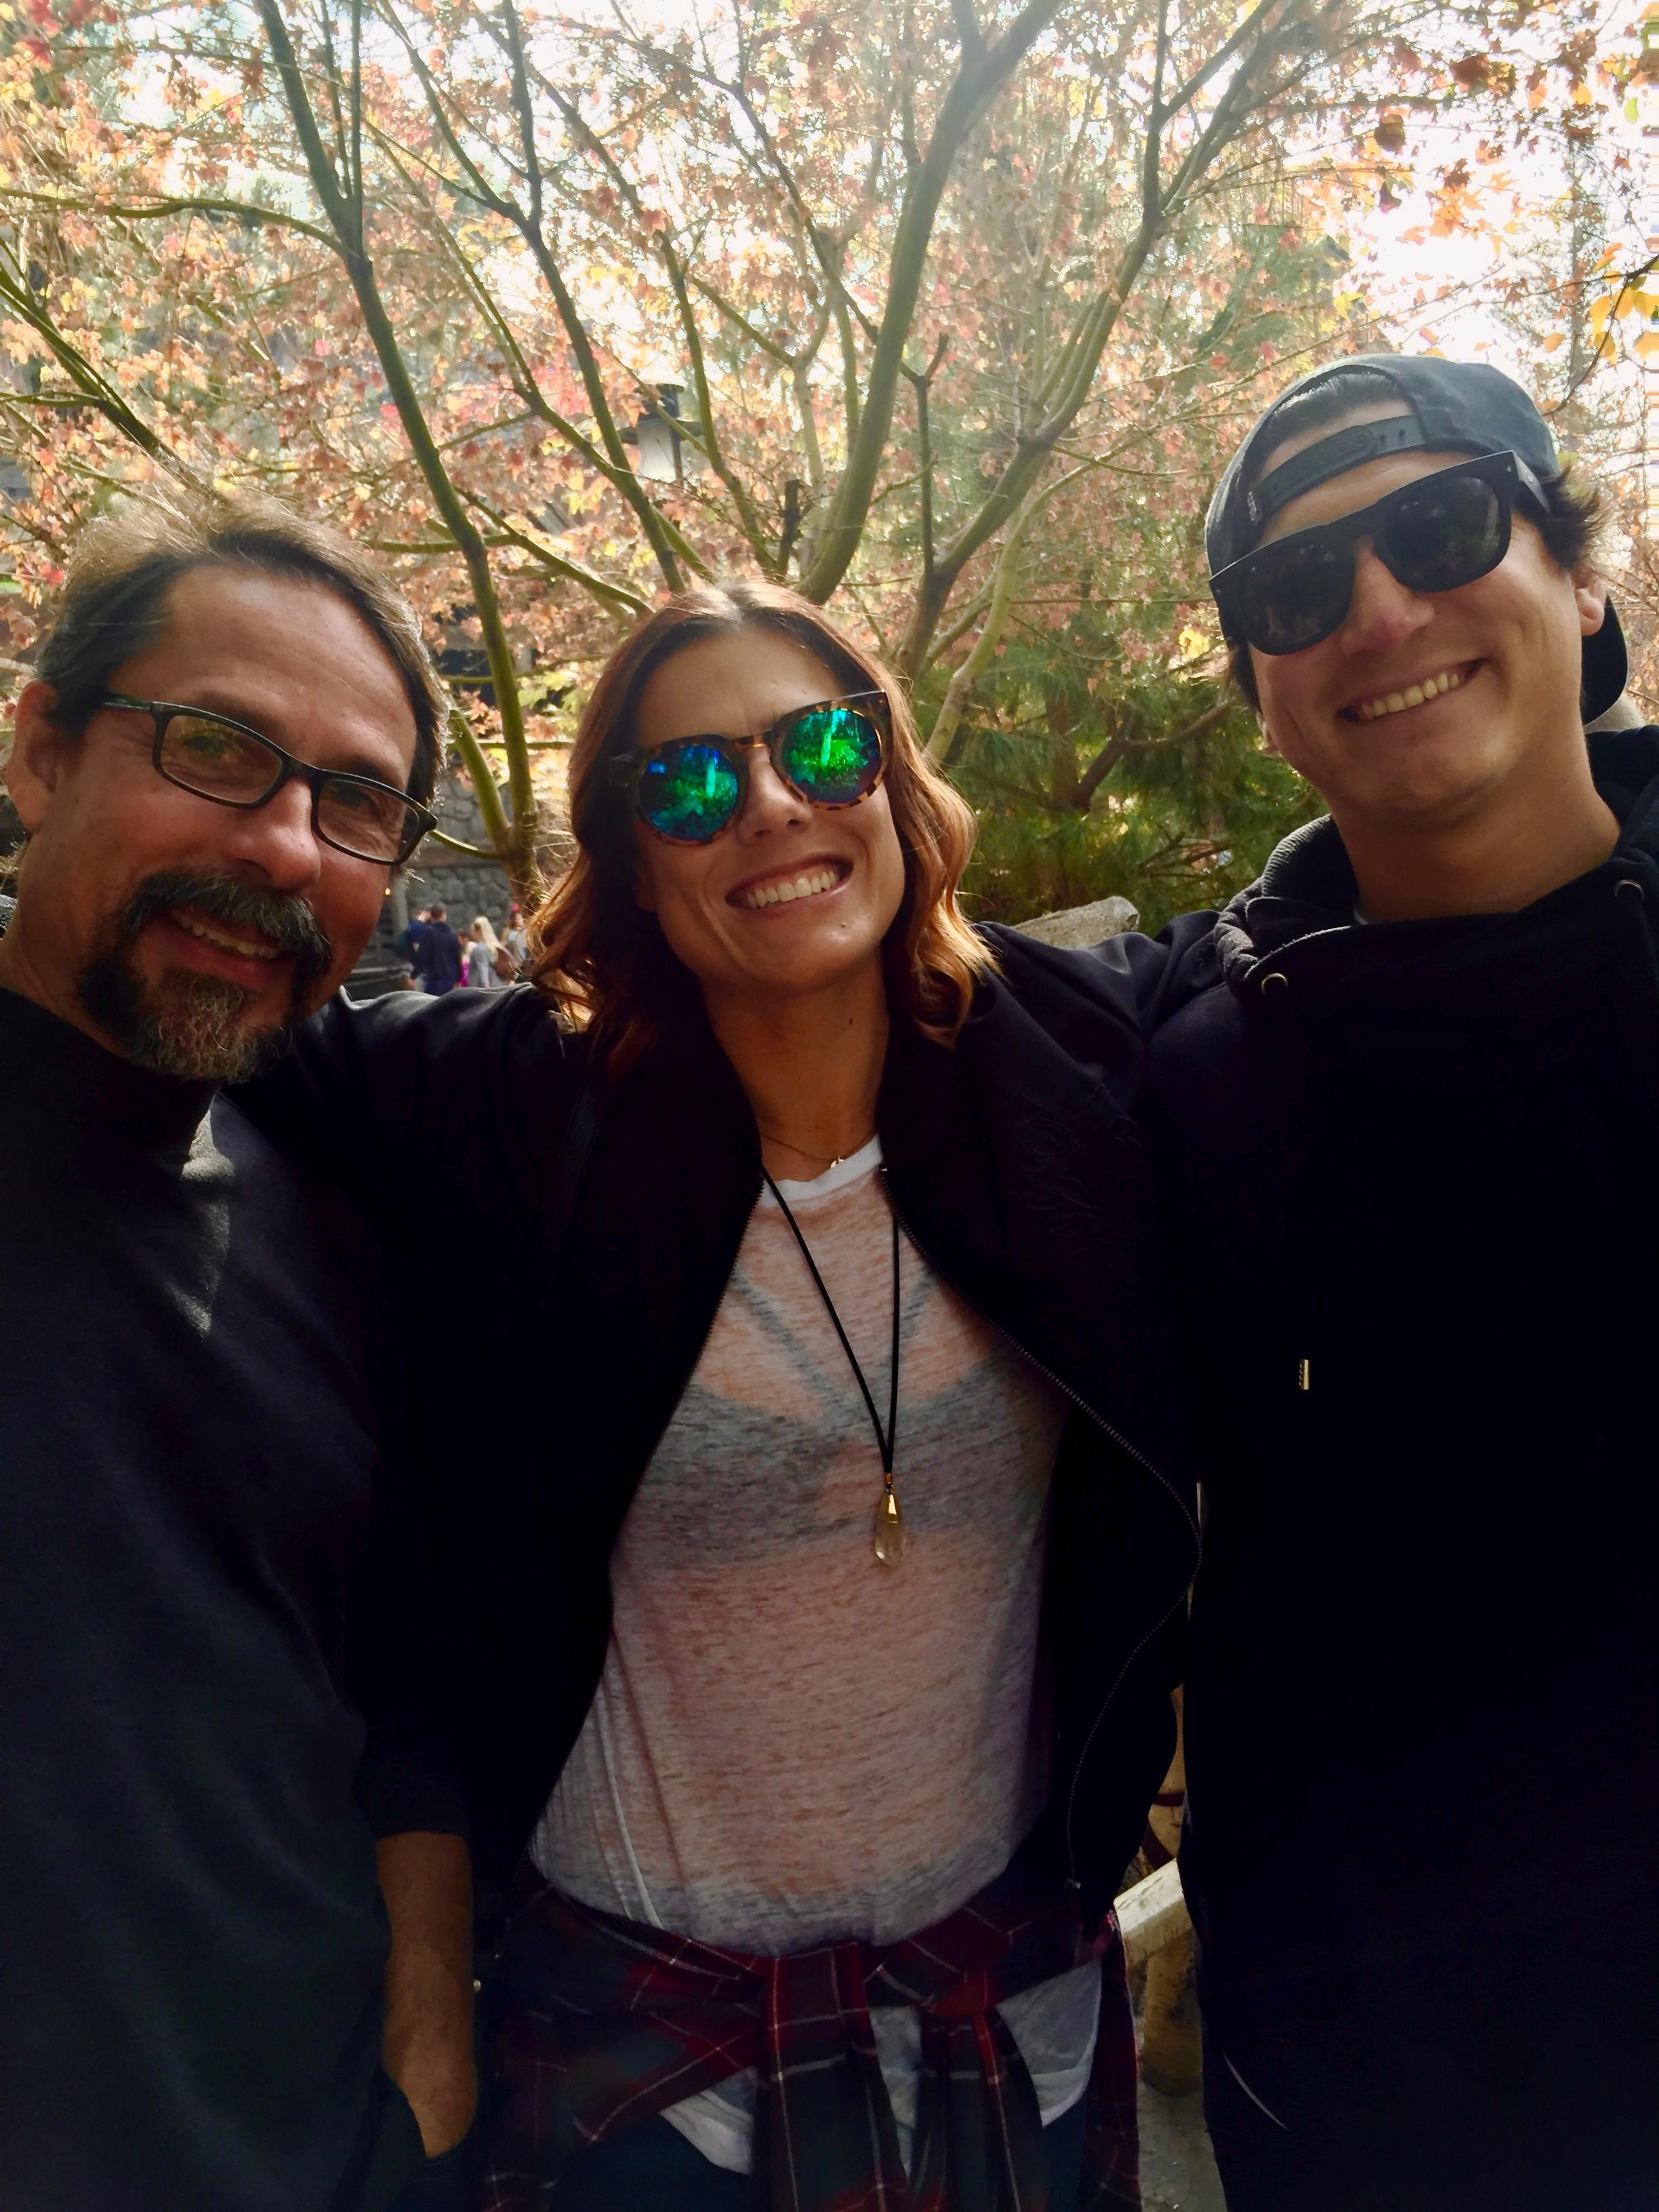 Mark, Jessica Rose and Jaime Preciado